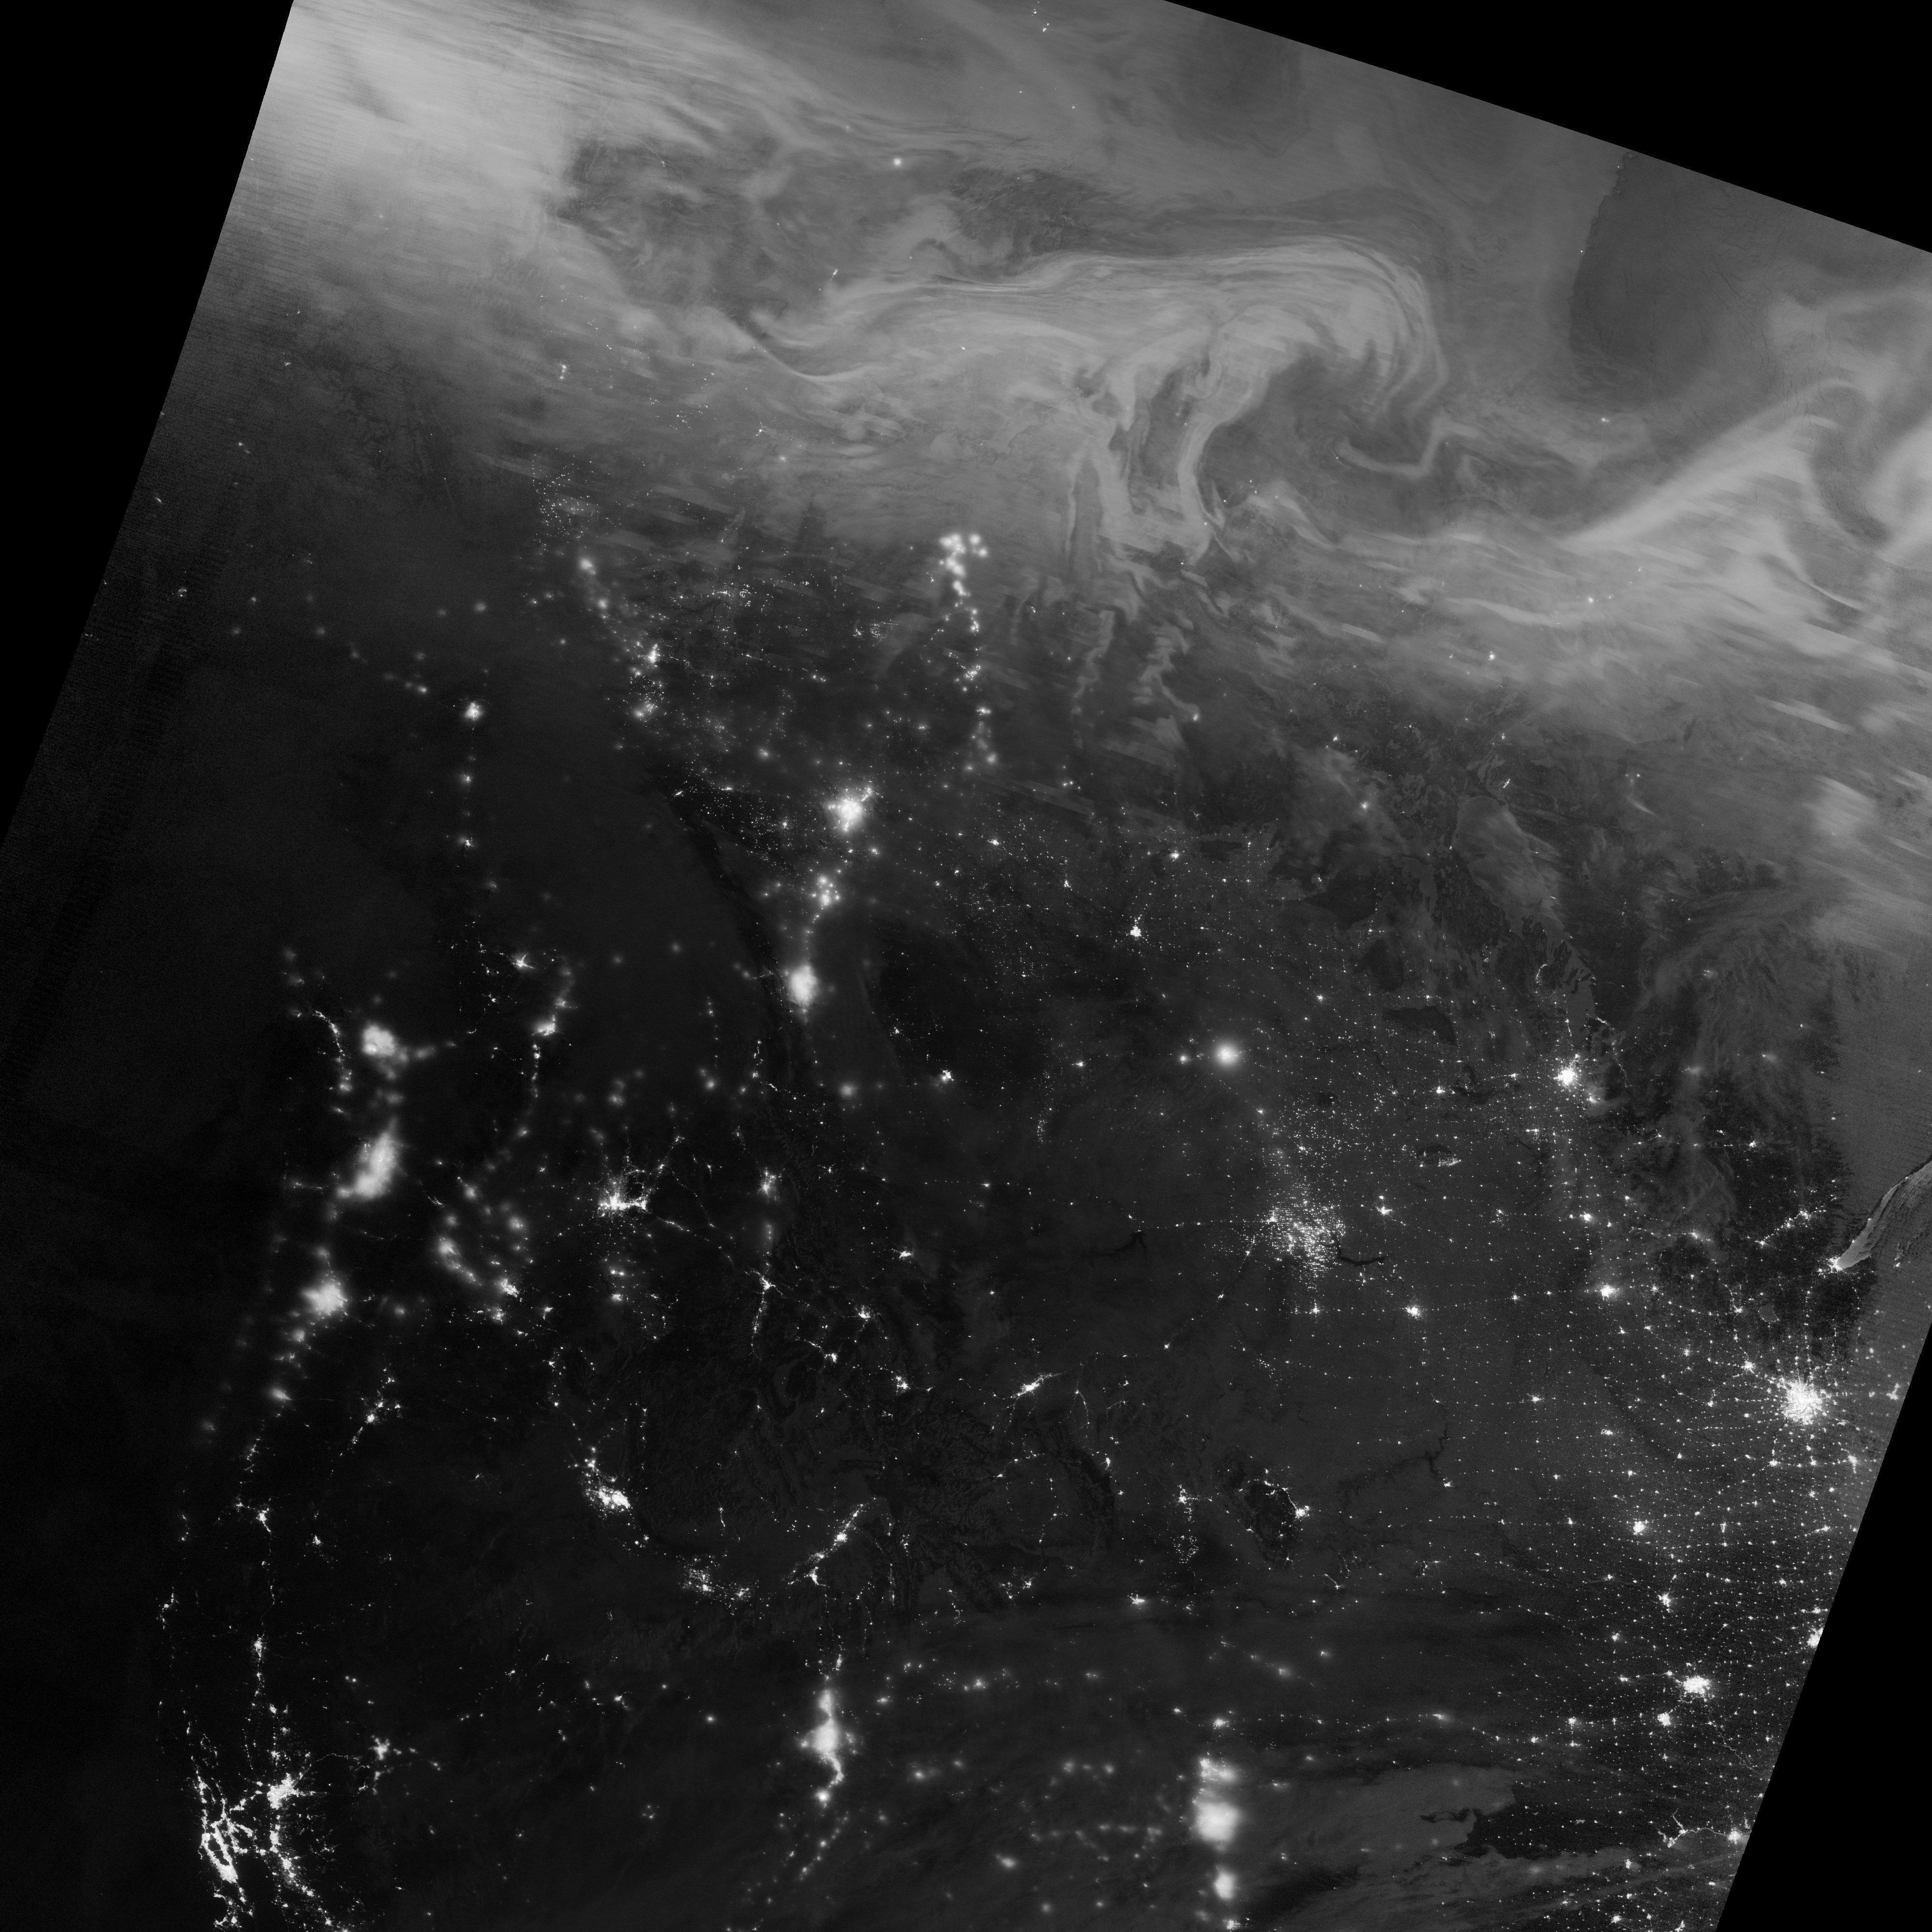 Imagem da aurora boreal sobre o Canada de 22 de dezembro tirada pelo satélite da NASA que usa o sensor Visible Infrared Imaging Radiometer Suite (VIIRS)